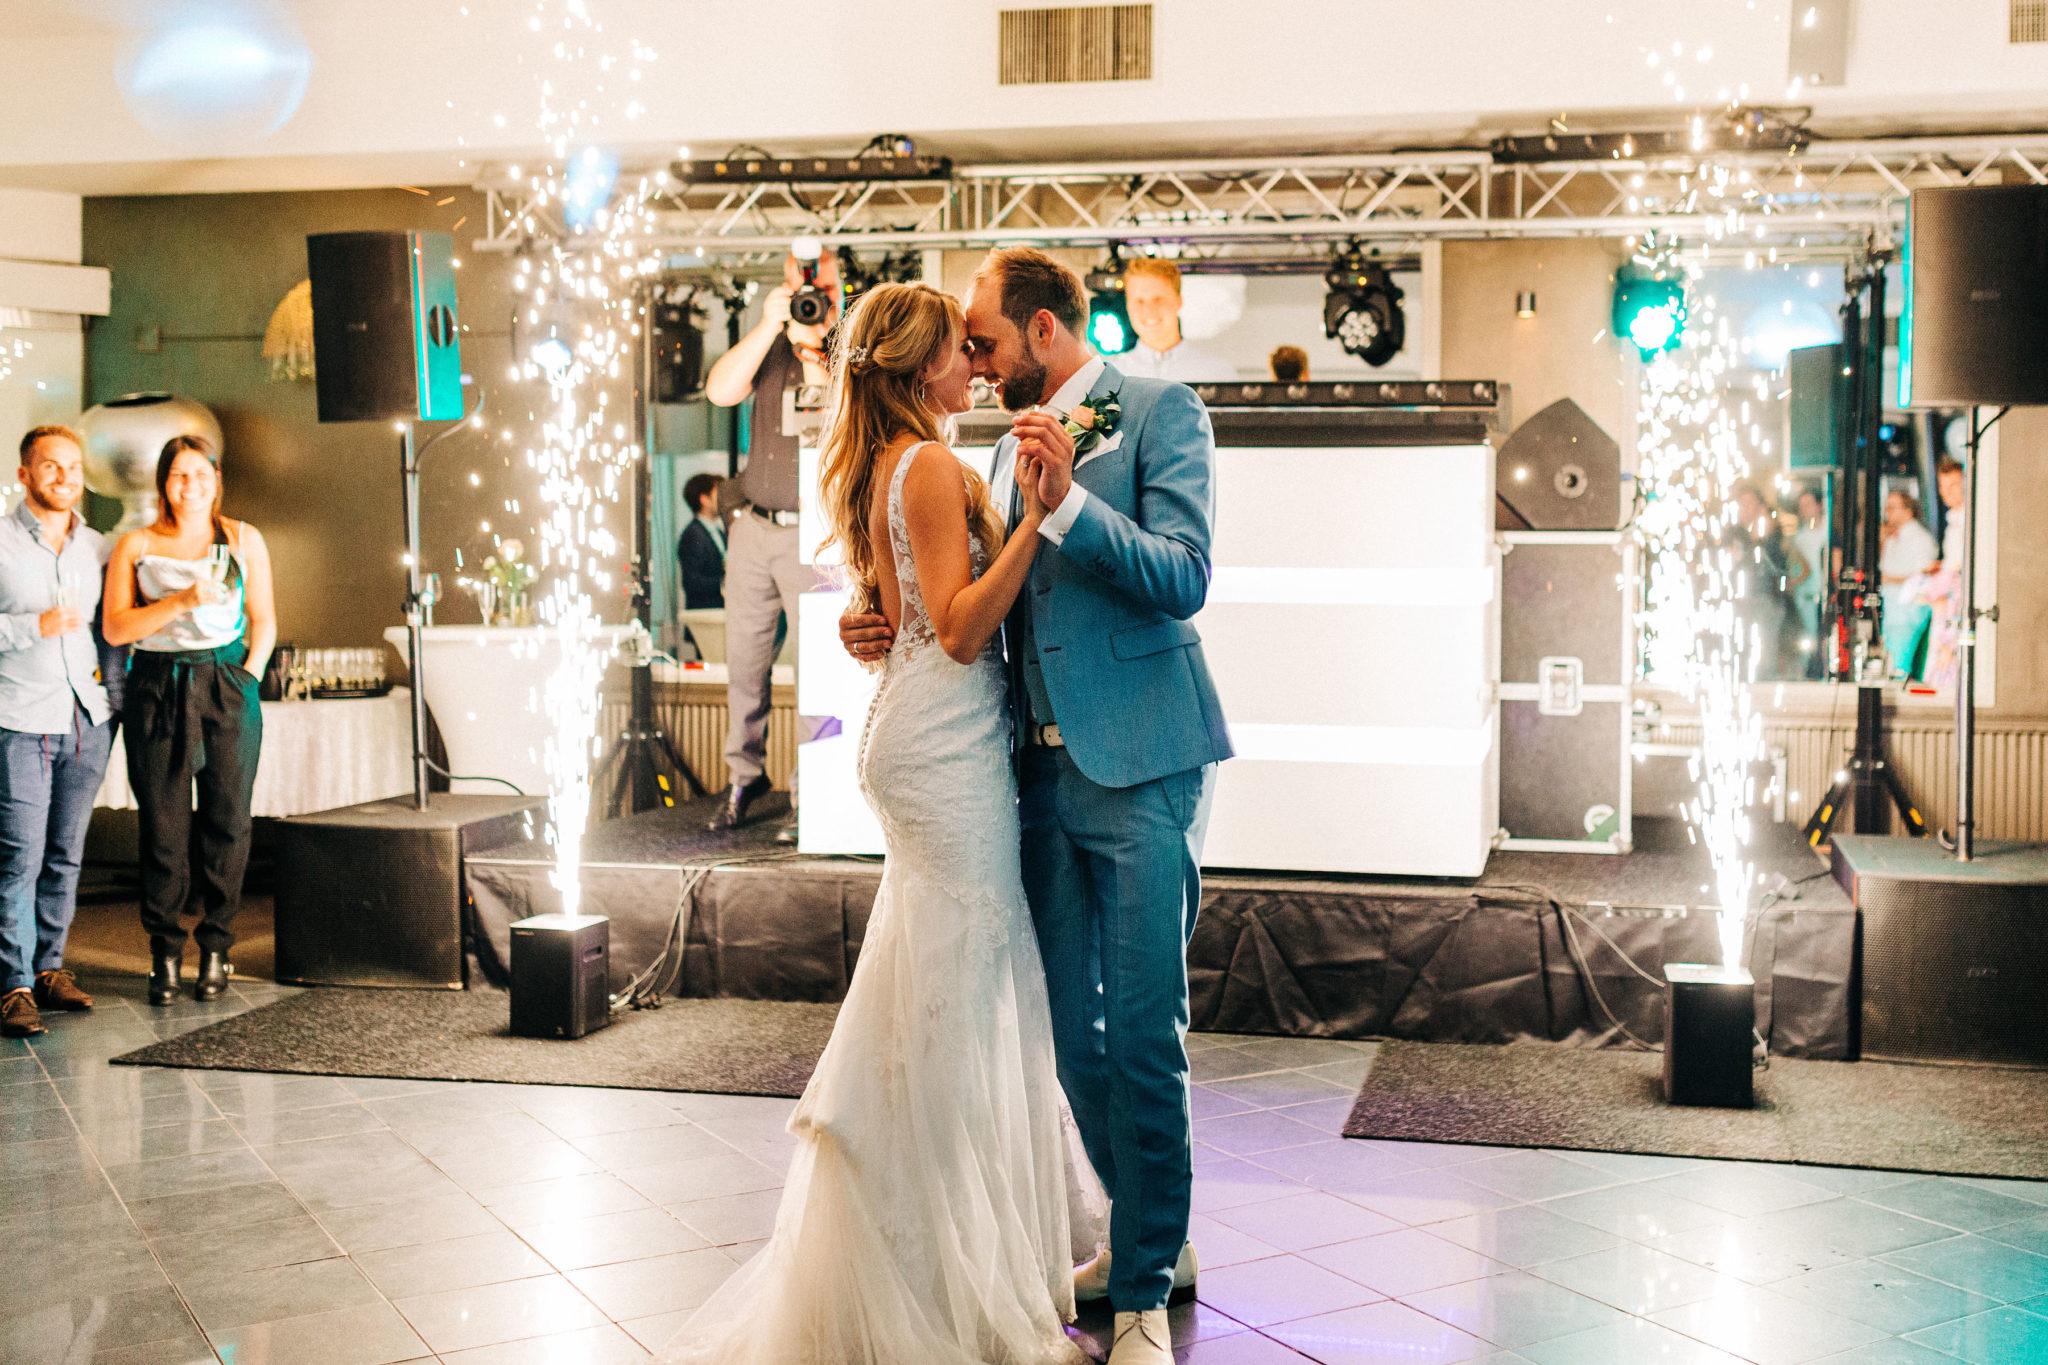 Best Wedding First Dance Songs.15 Best First Dance Songs For Your Wedding Steven De Cuba